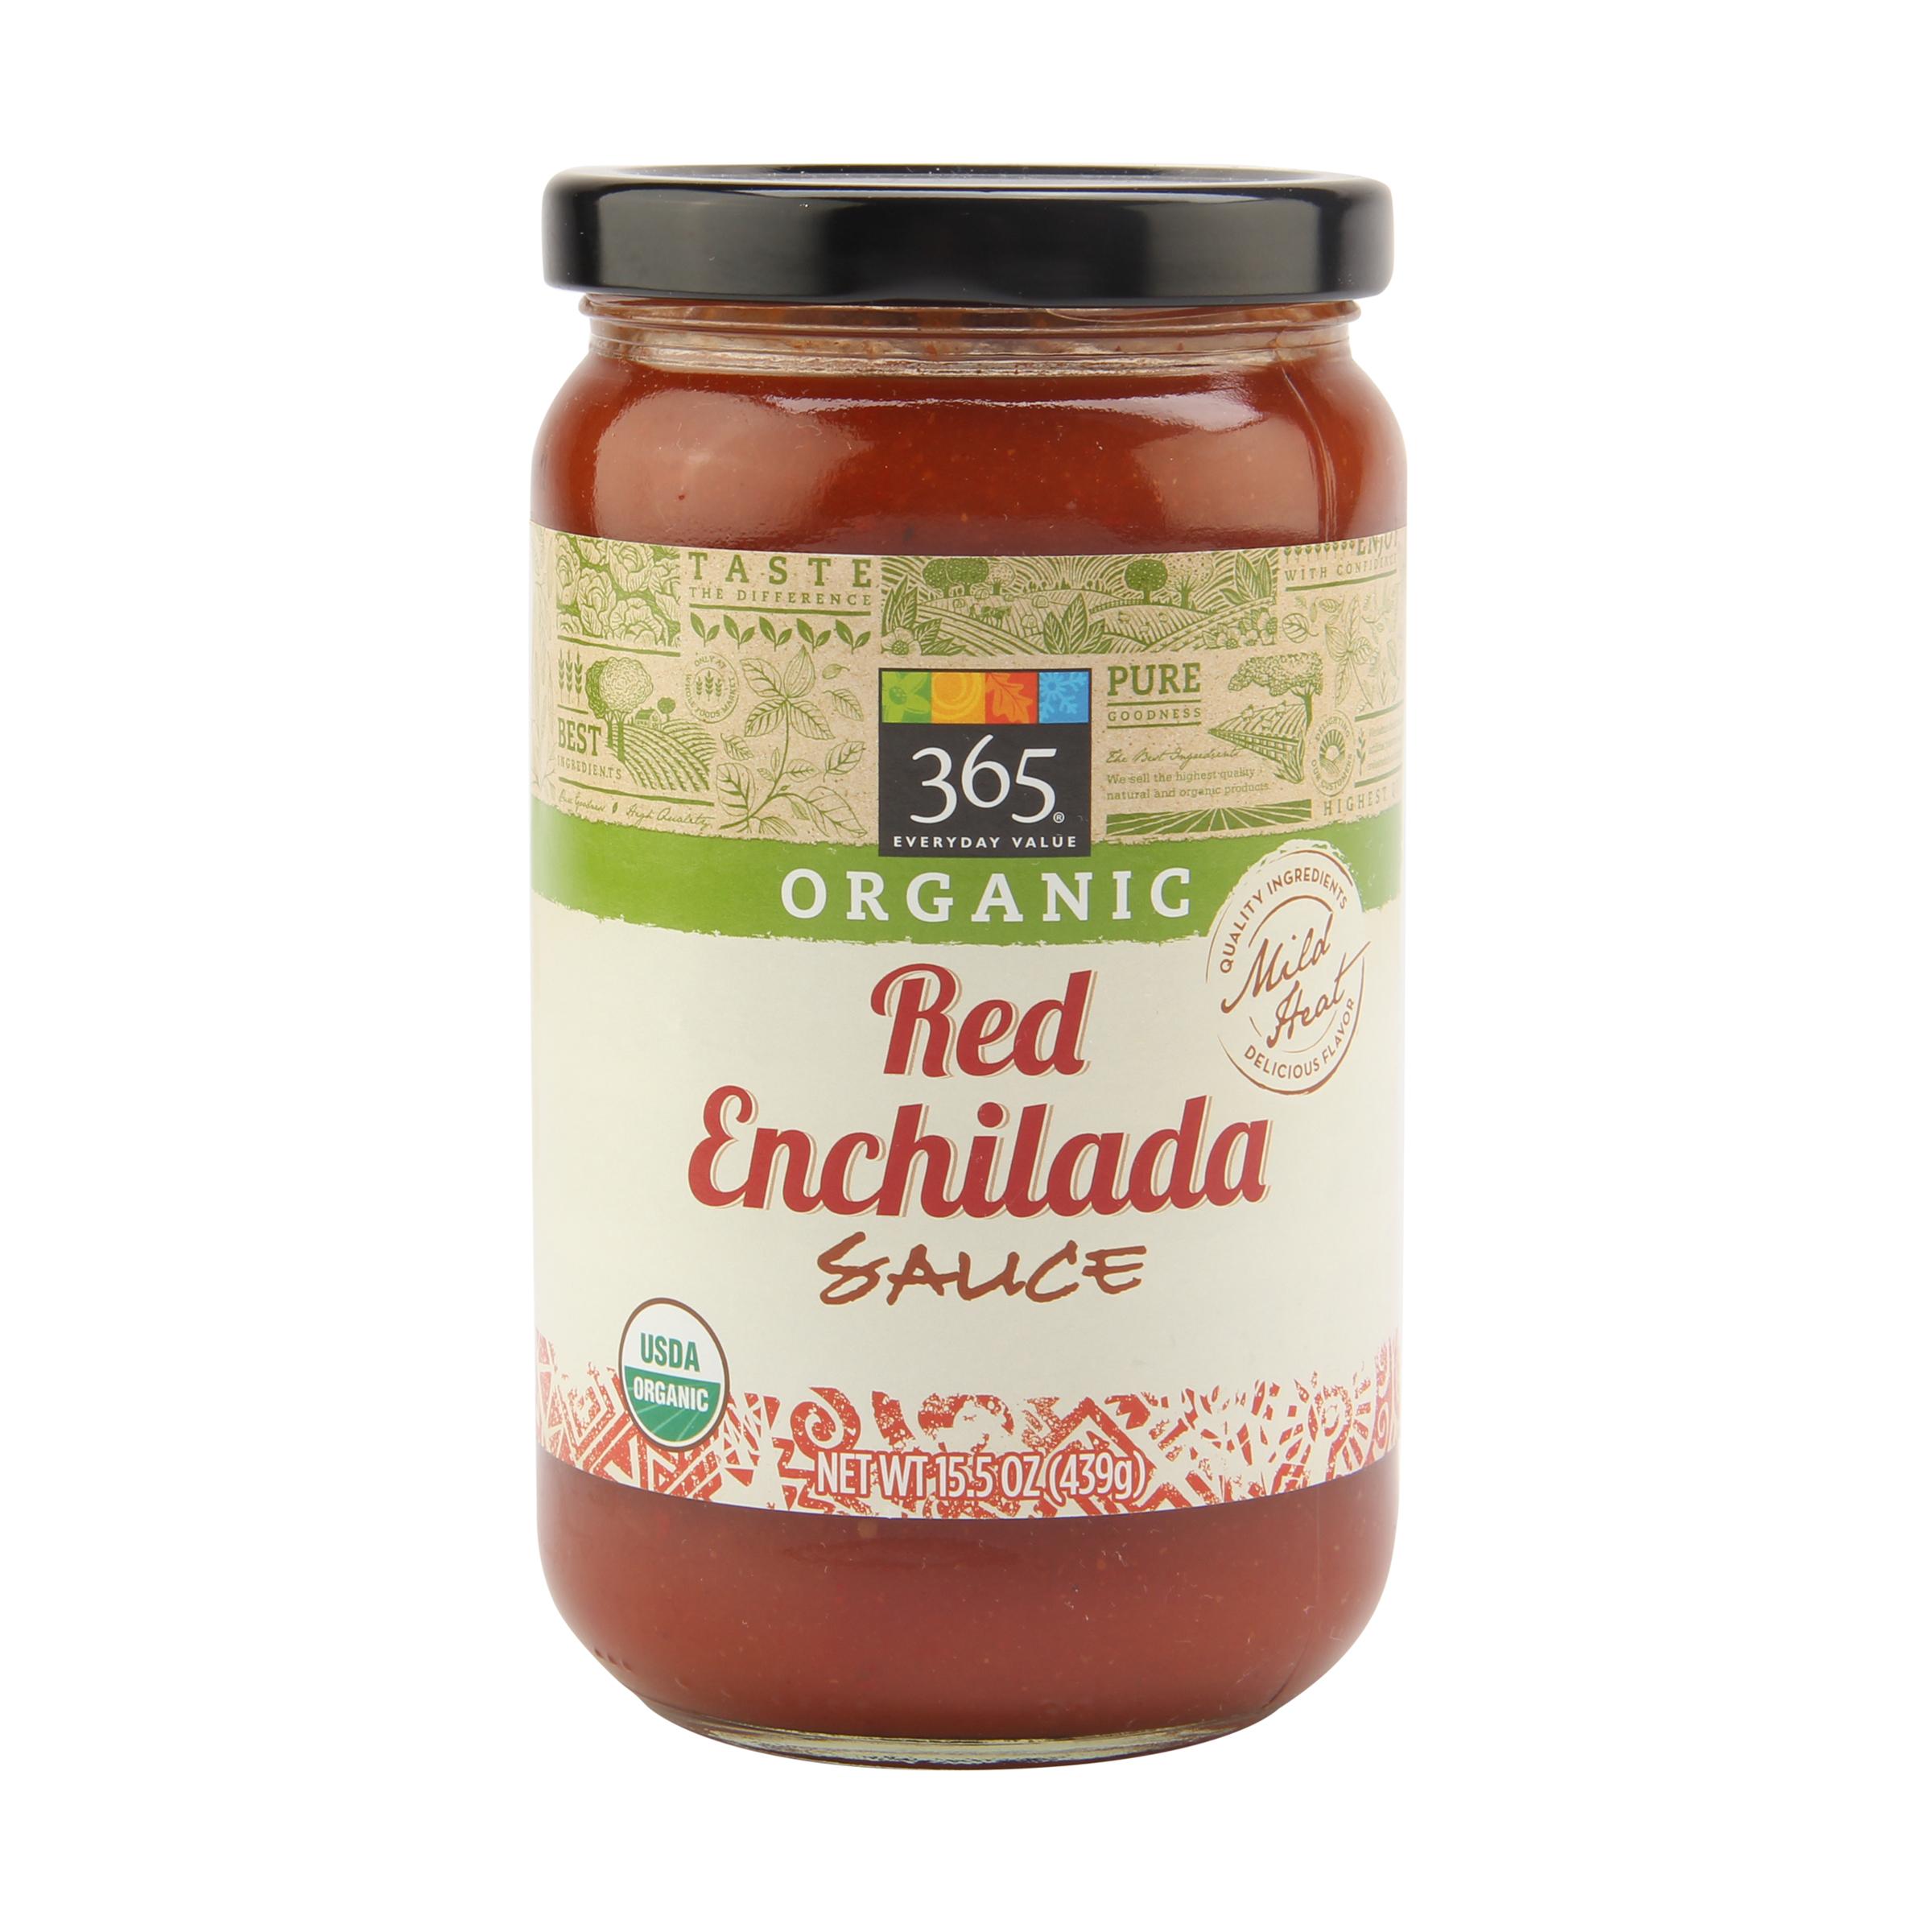 Organic Enchilada Sauce Whole Foods